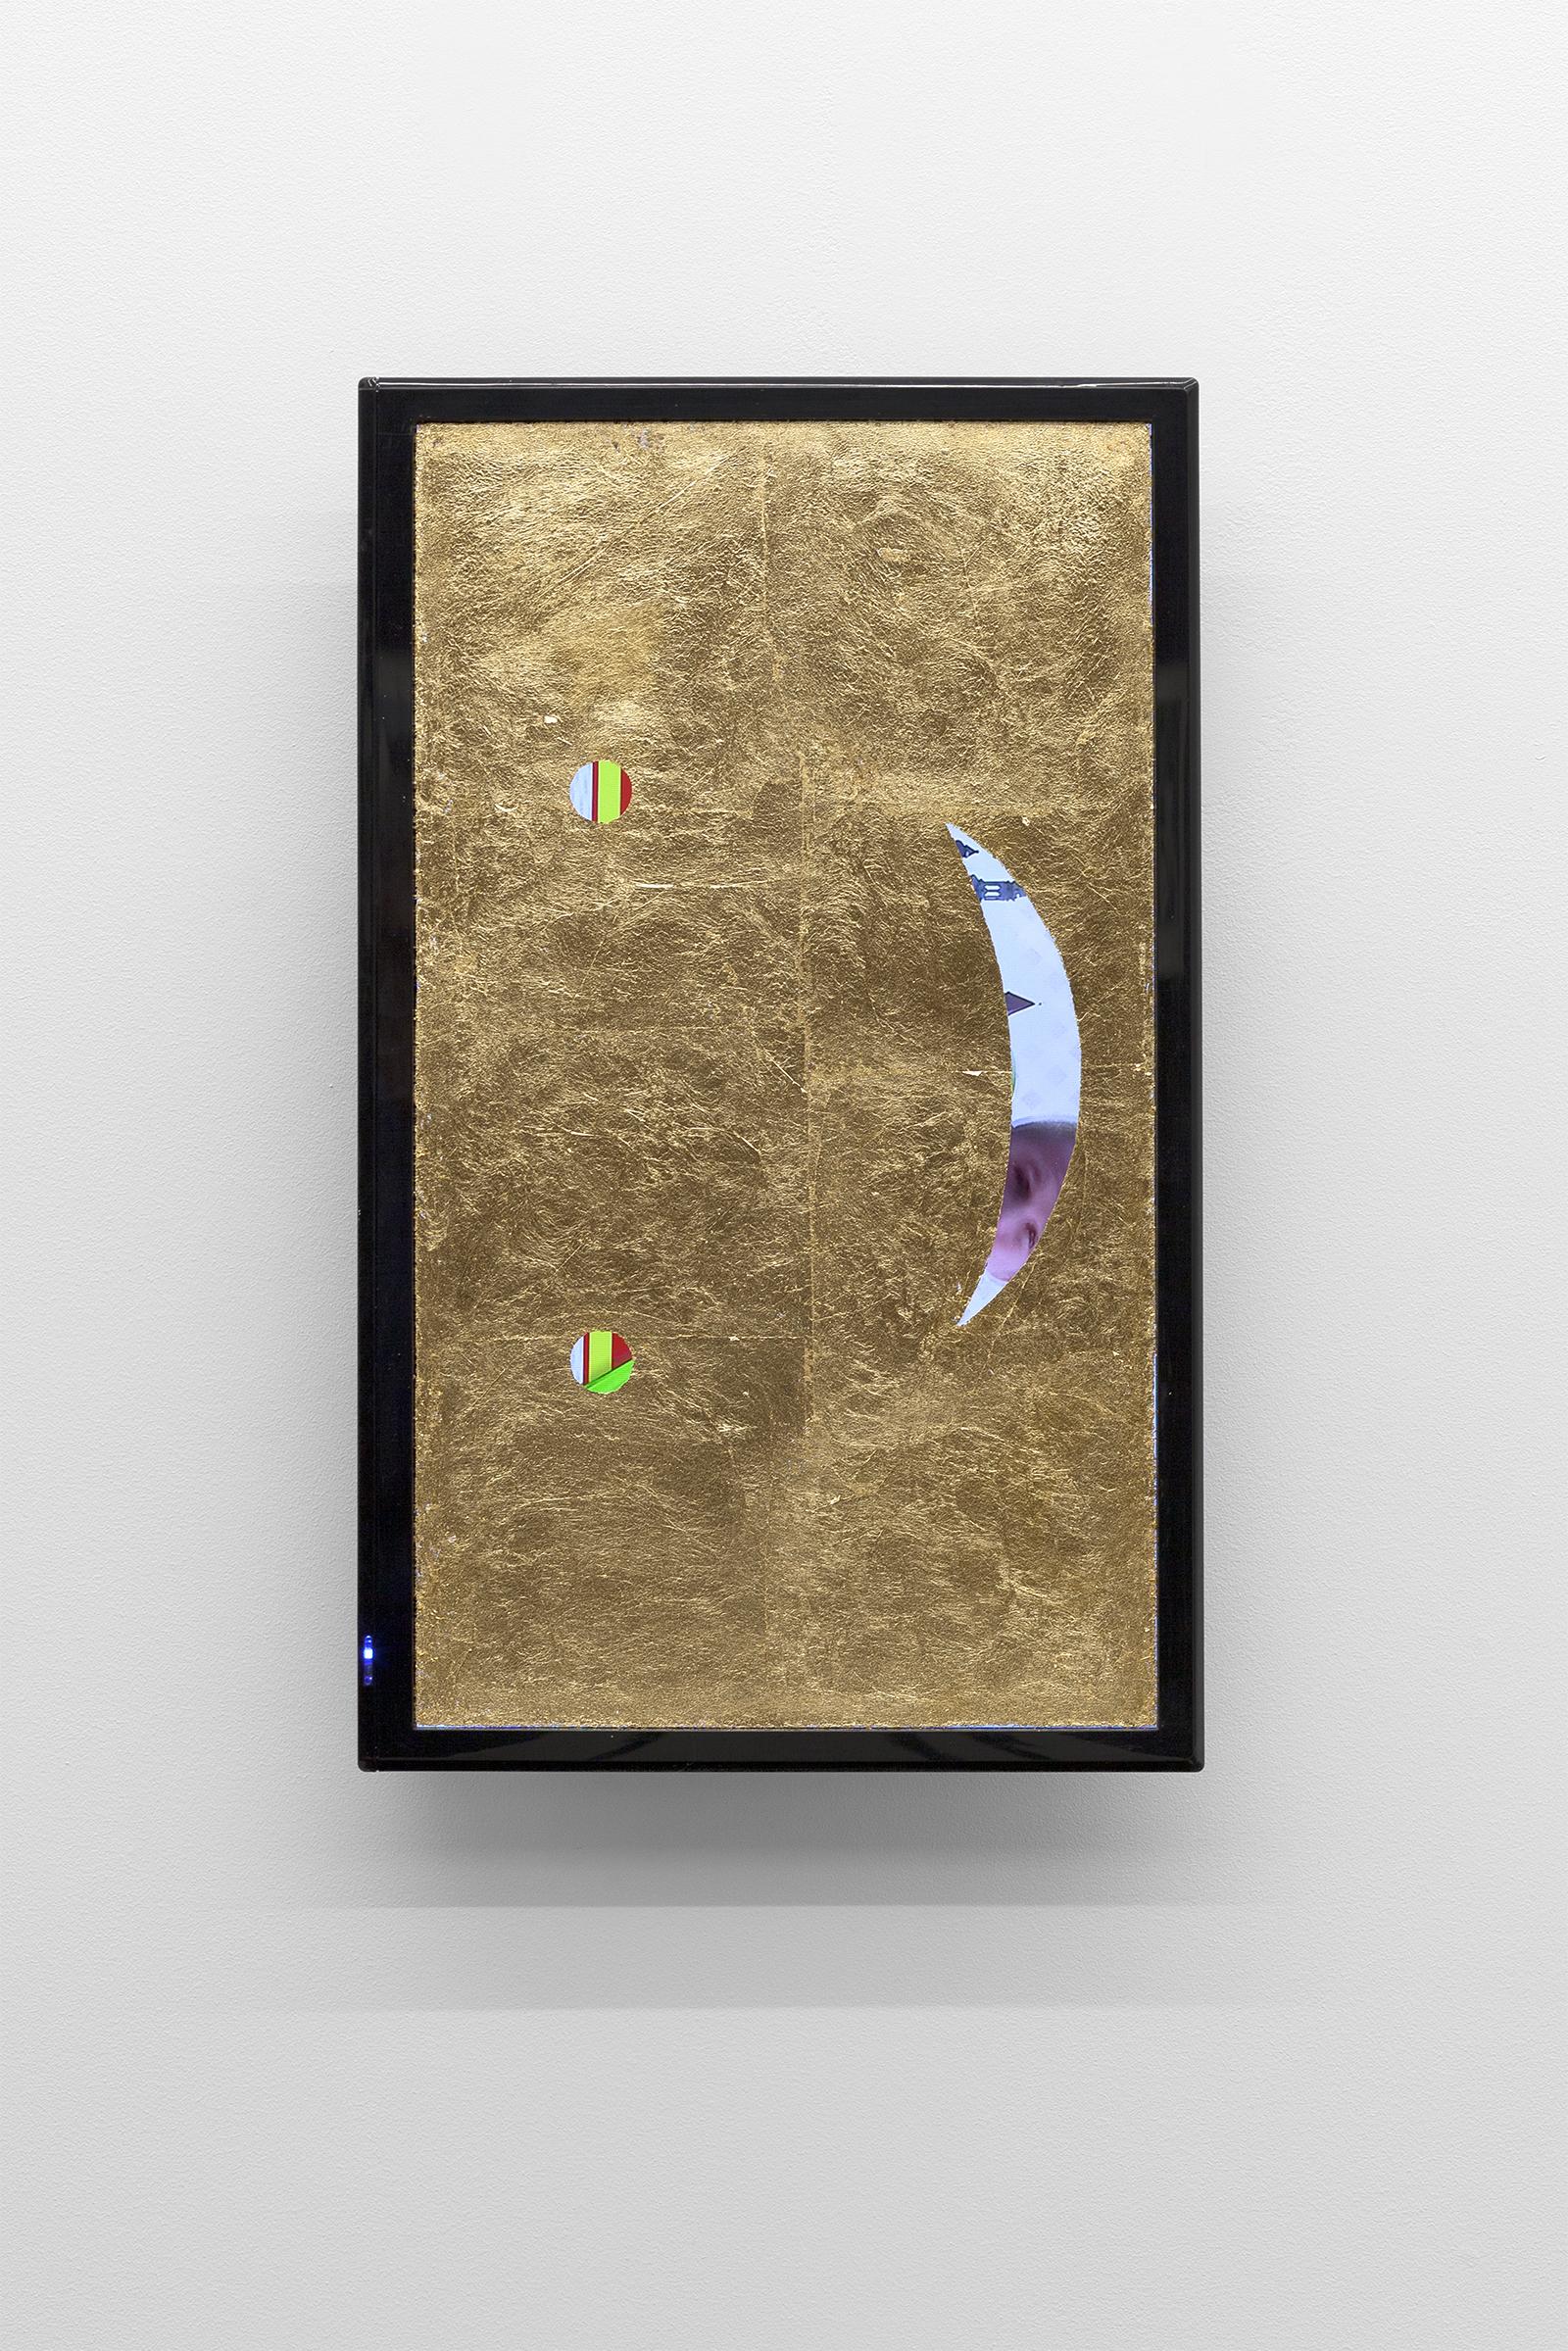 Agnieszka Brzeżańska, Beztytułu, 2016, ekran LCD, szlagmetal, 55,5 x 33,5 x 7 cm, dzięki uprzejmości Artystki iGalerii Kasia Michalski